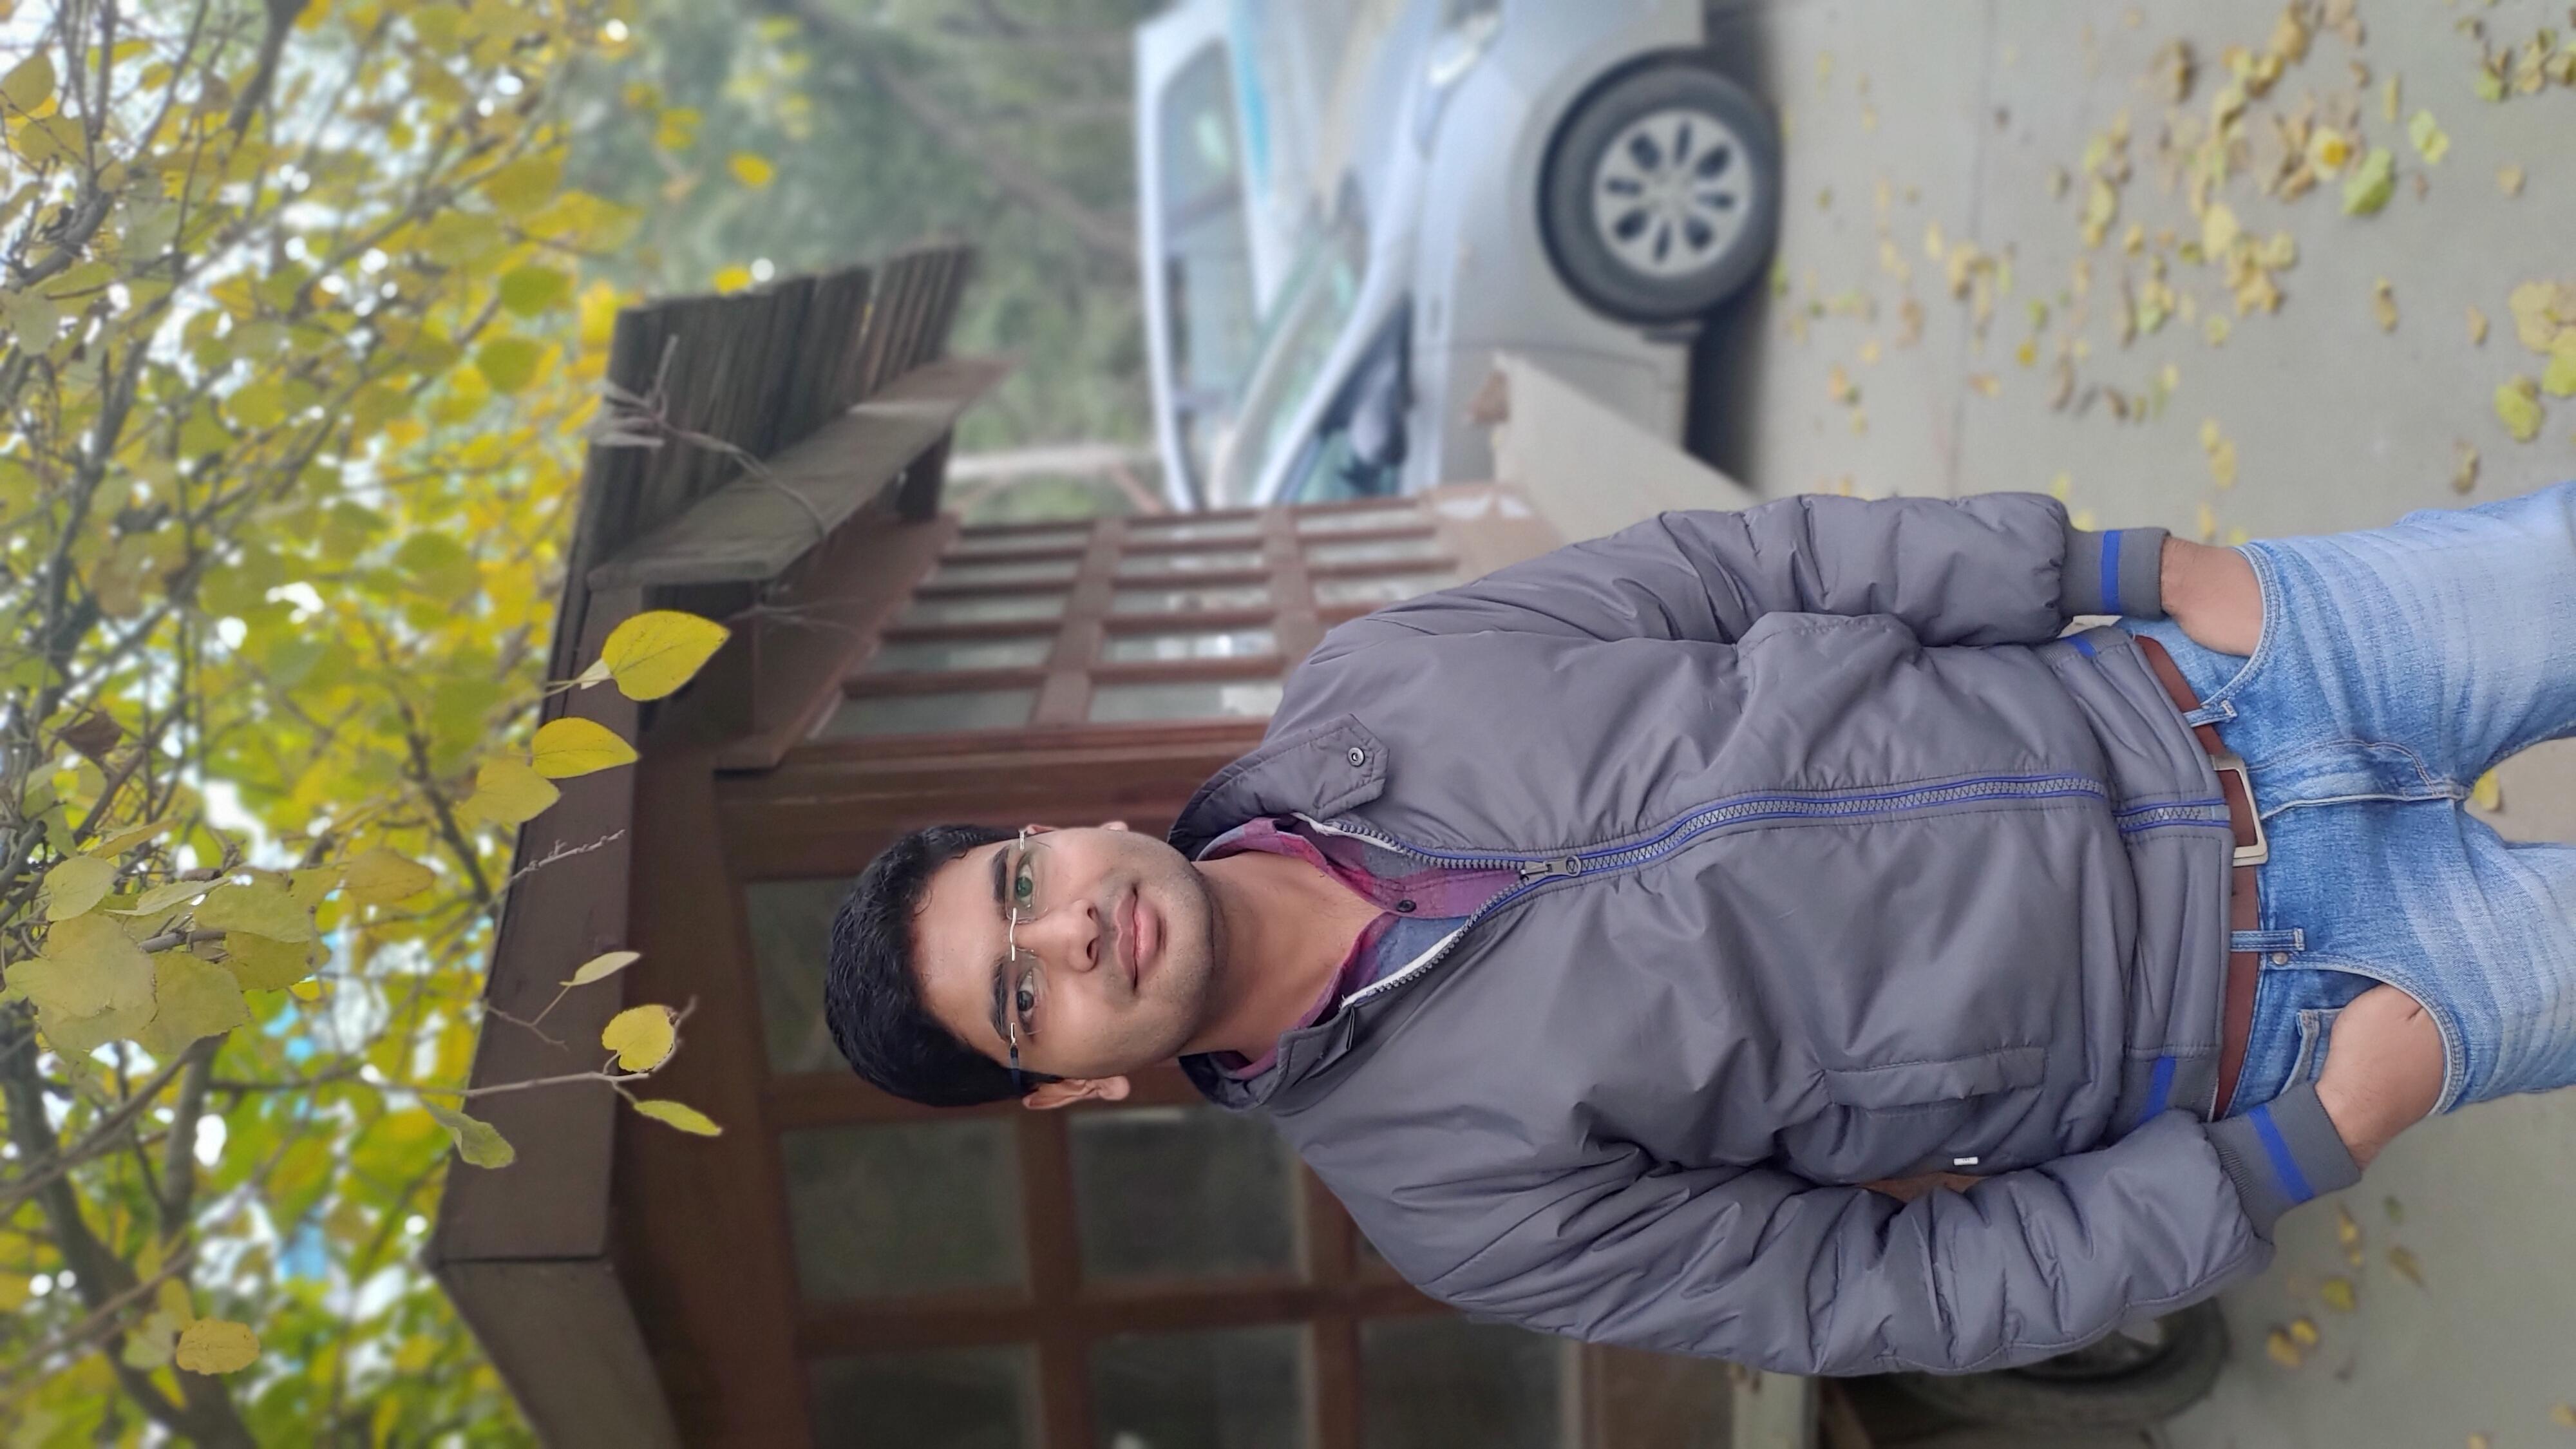 Totan Banerjee's image